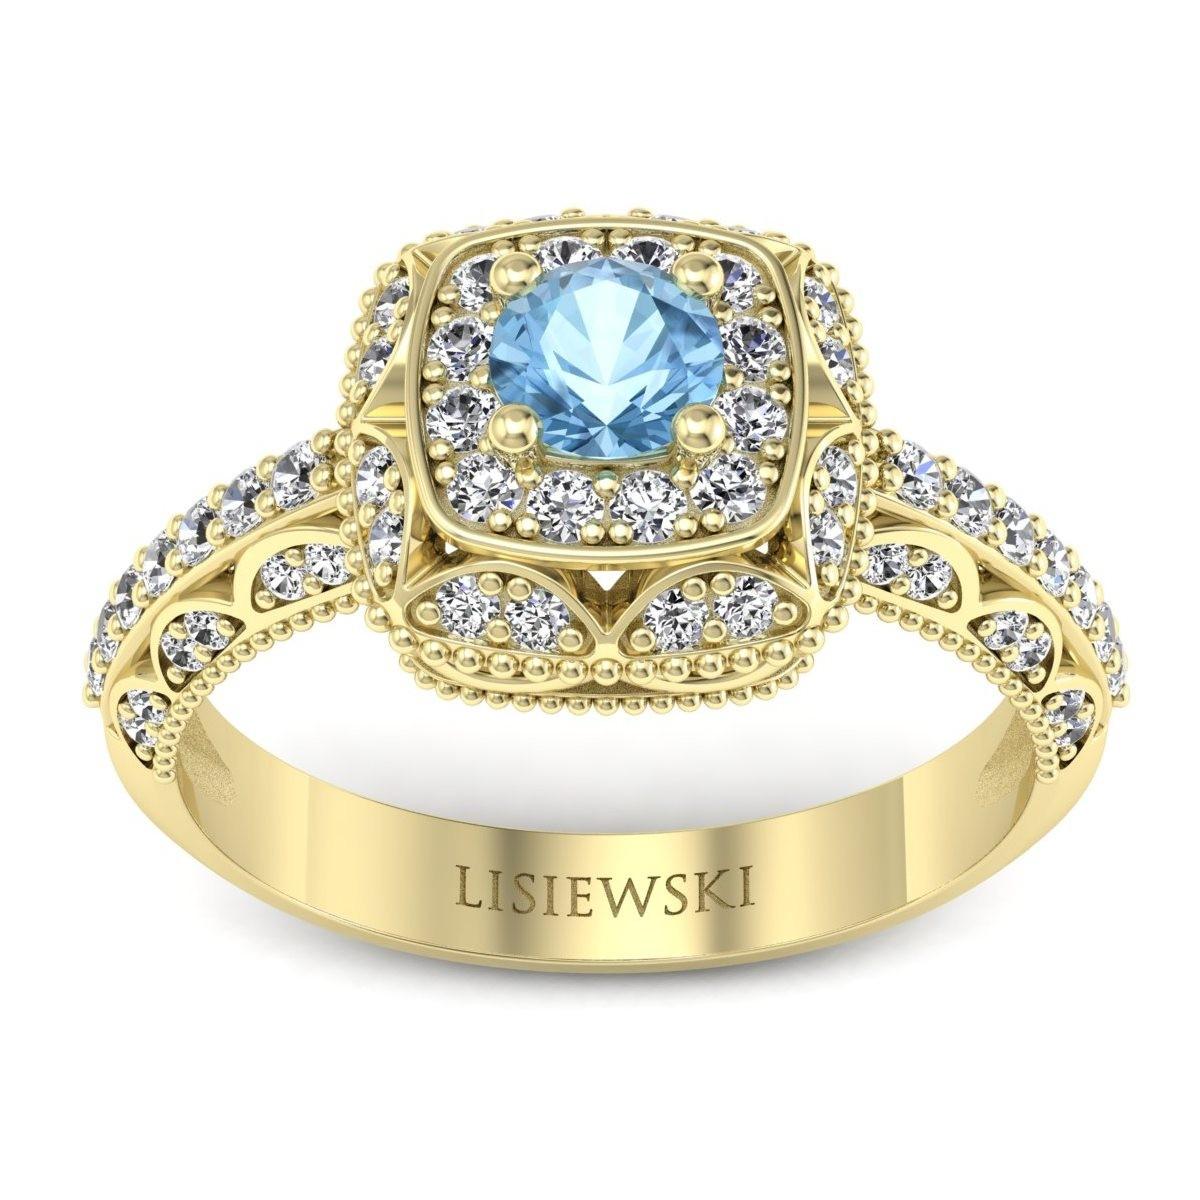 Elizabeth - Pierścionek złoty z topazem i diamentami